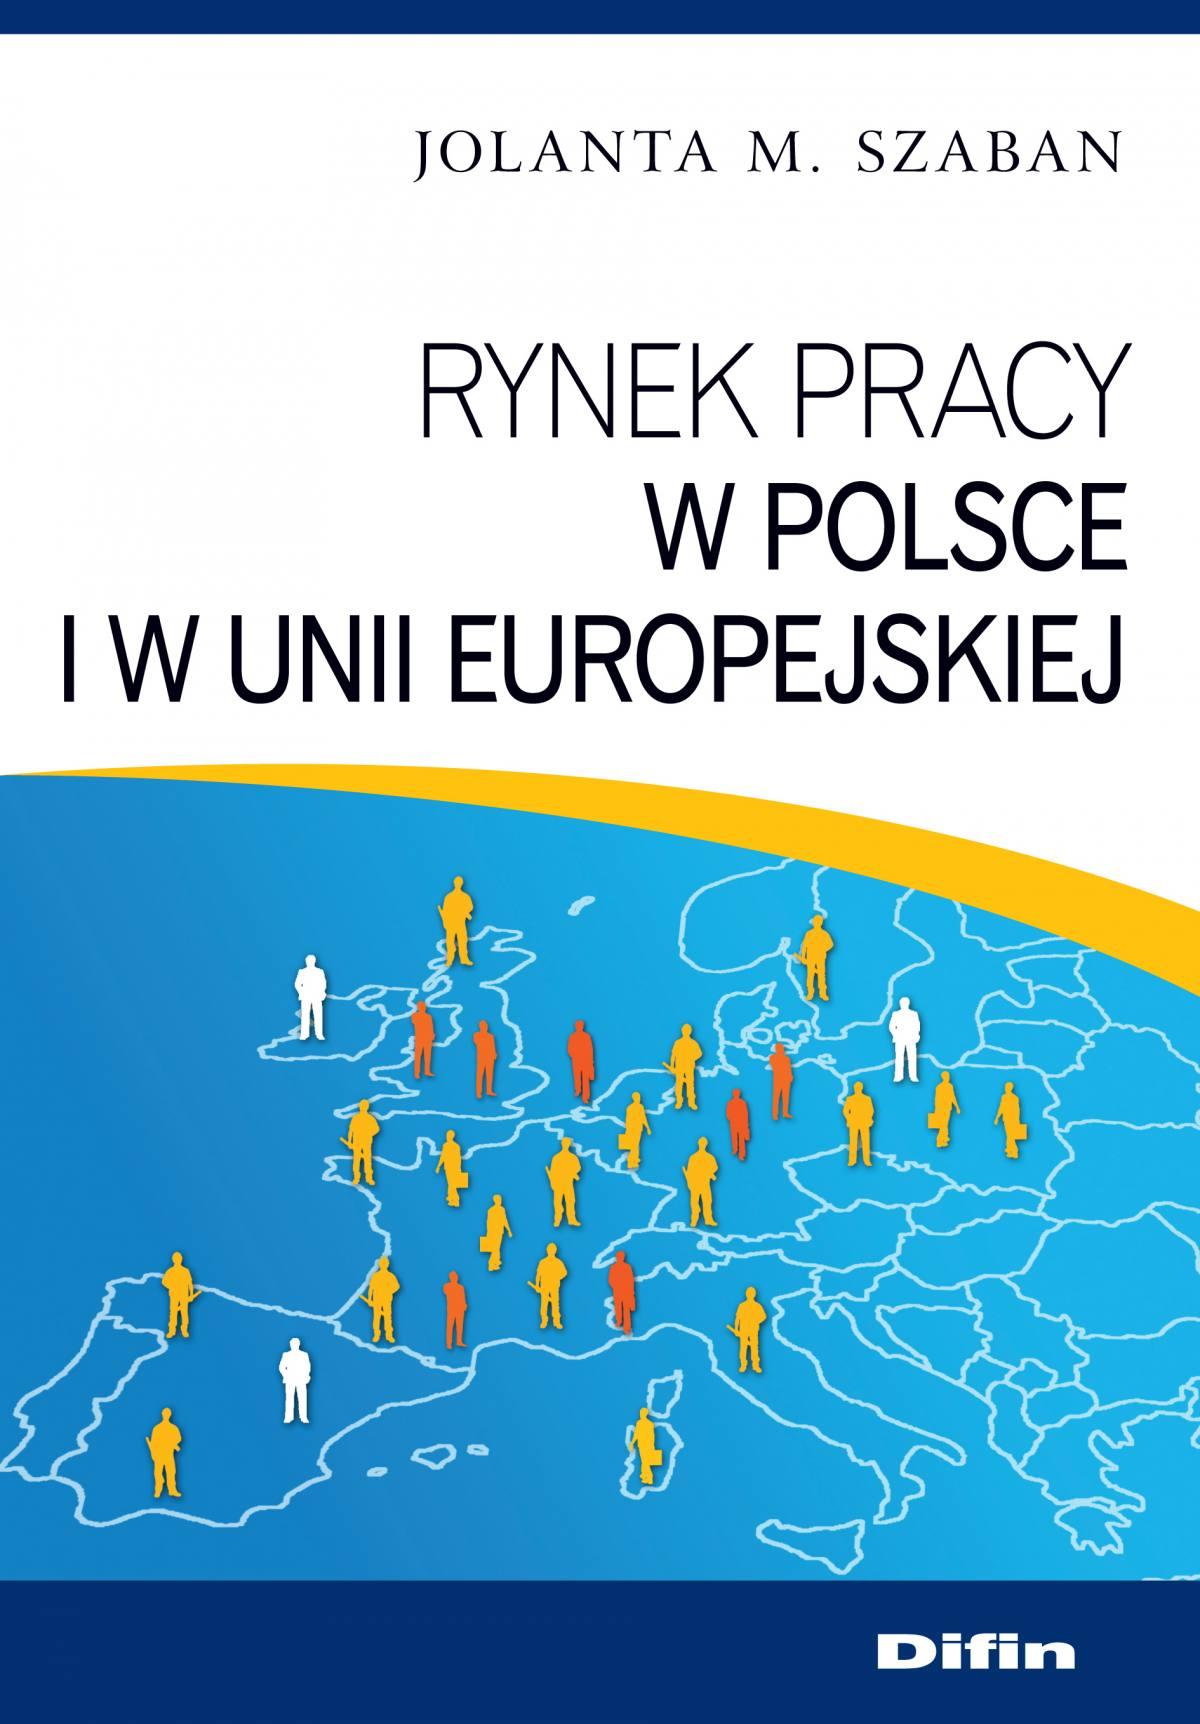 Rynek pracy w Polsce i w Unii Europejskiej - Ebook (Książka EPUB) do pobrania w formacie EPUB